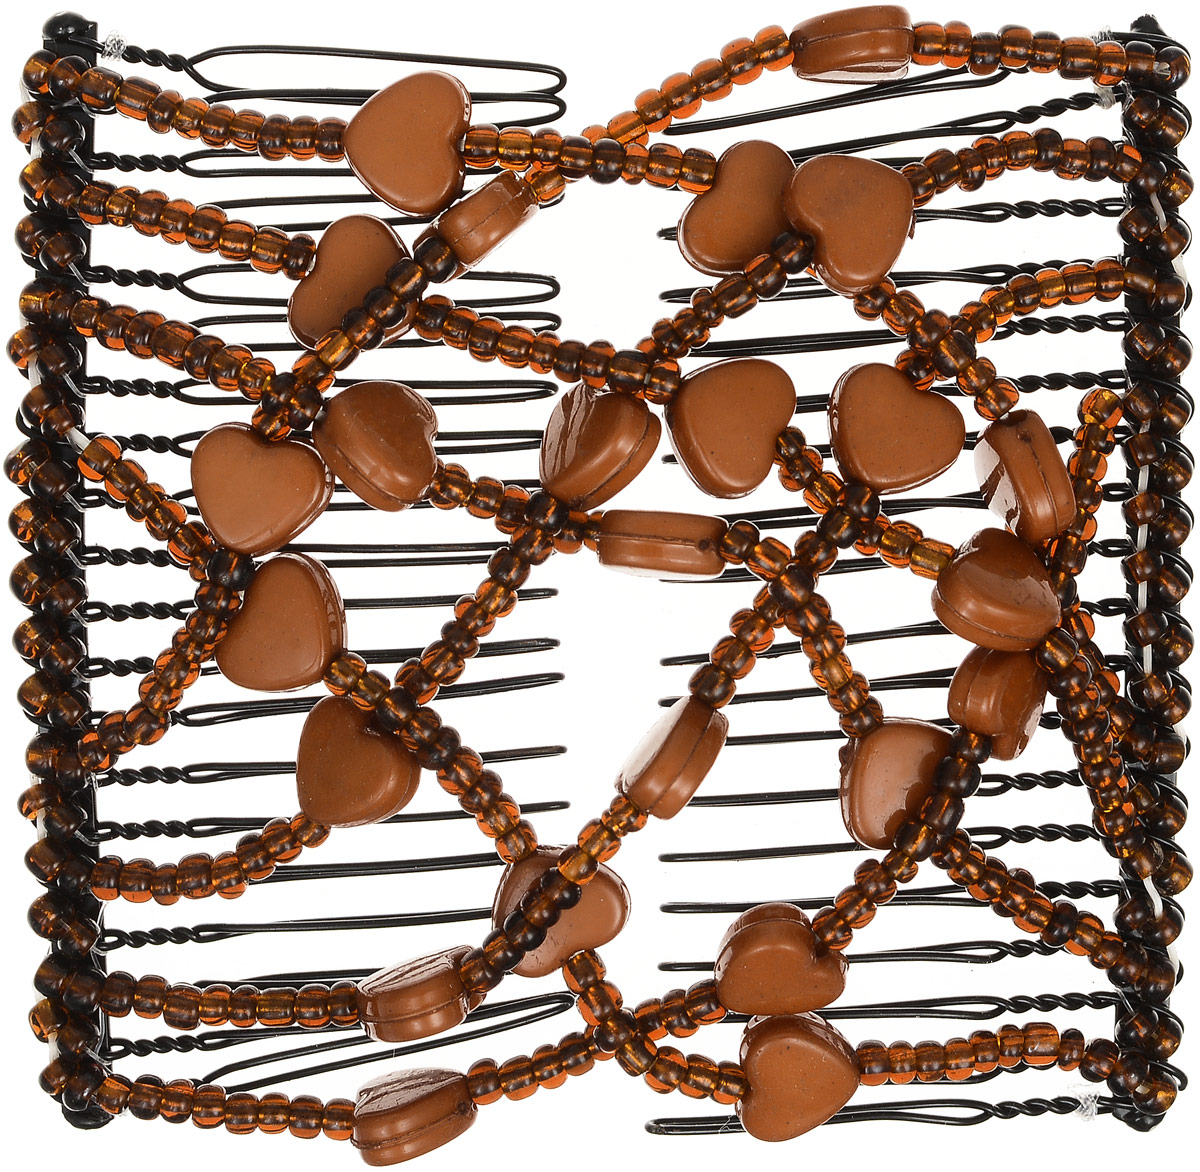 EZ-Combs Заколка Изи-Комбс, одинарная, цвет: коричневый. ЗИО_сердечки ez combs заколка изи комбс одинарная цвет коричневый зио сердечки